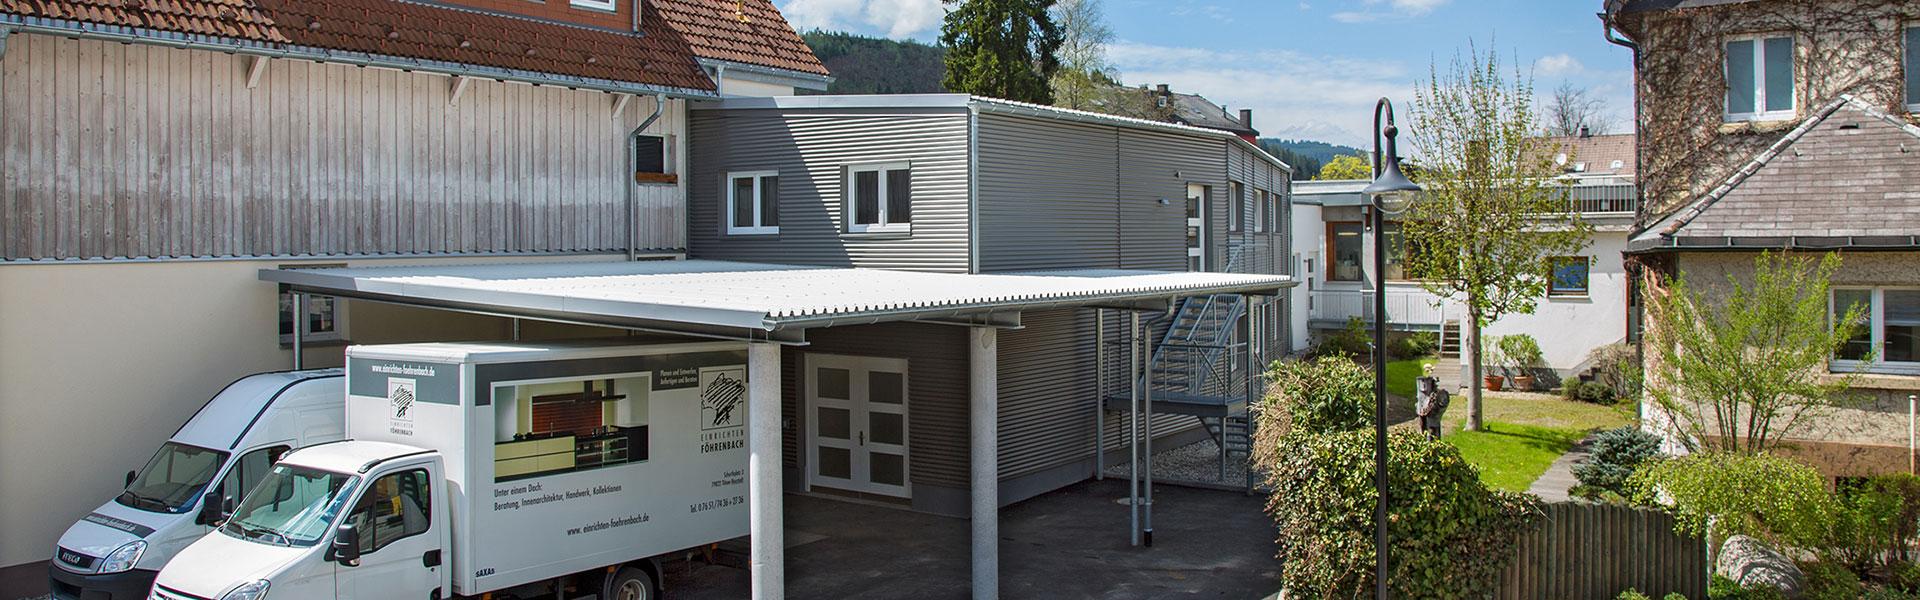 Blick auf die Erweiterung der Schreinerwerkstätte arsinteria - Raumideen von Föhrenbach